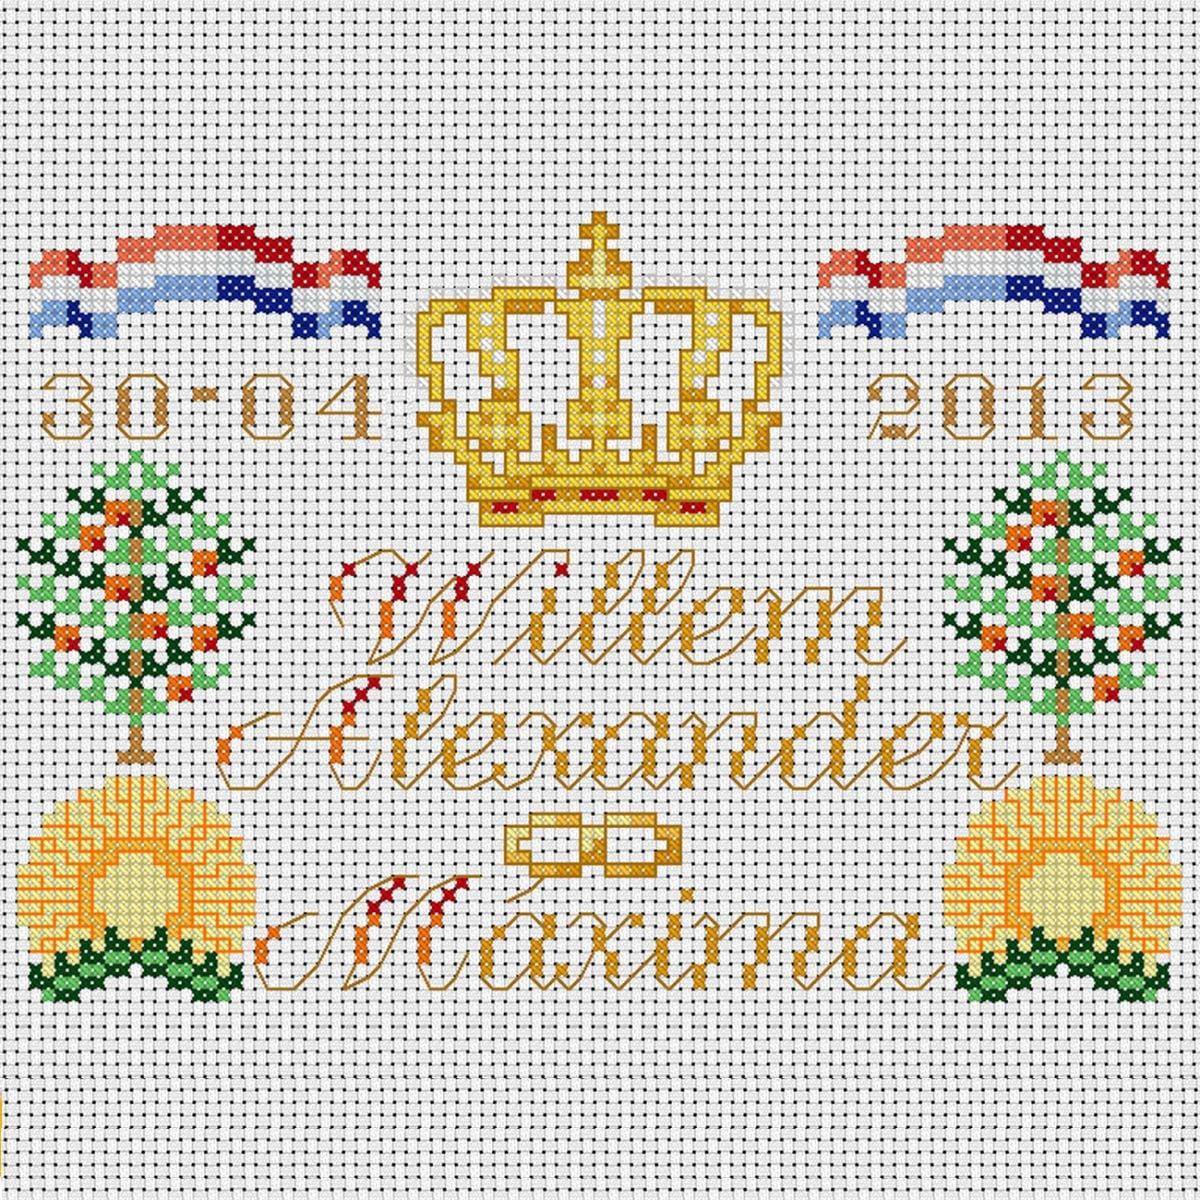 tegel kroning koning willemalexander en koningin maxima 2013 inclusief verzendkosten